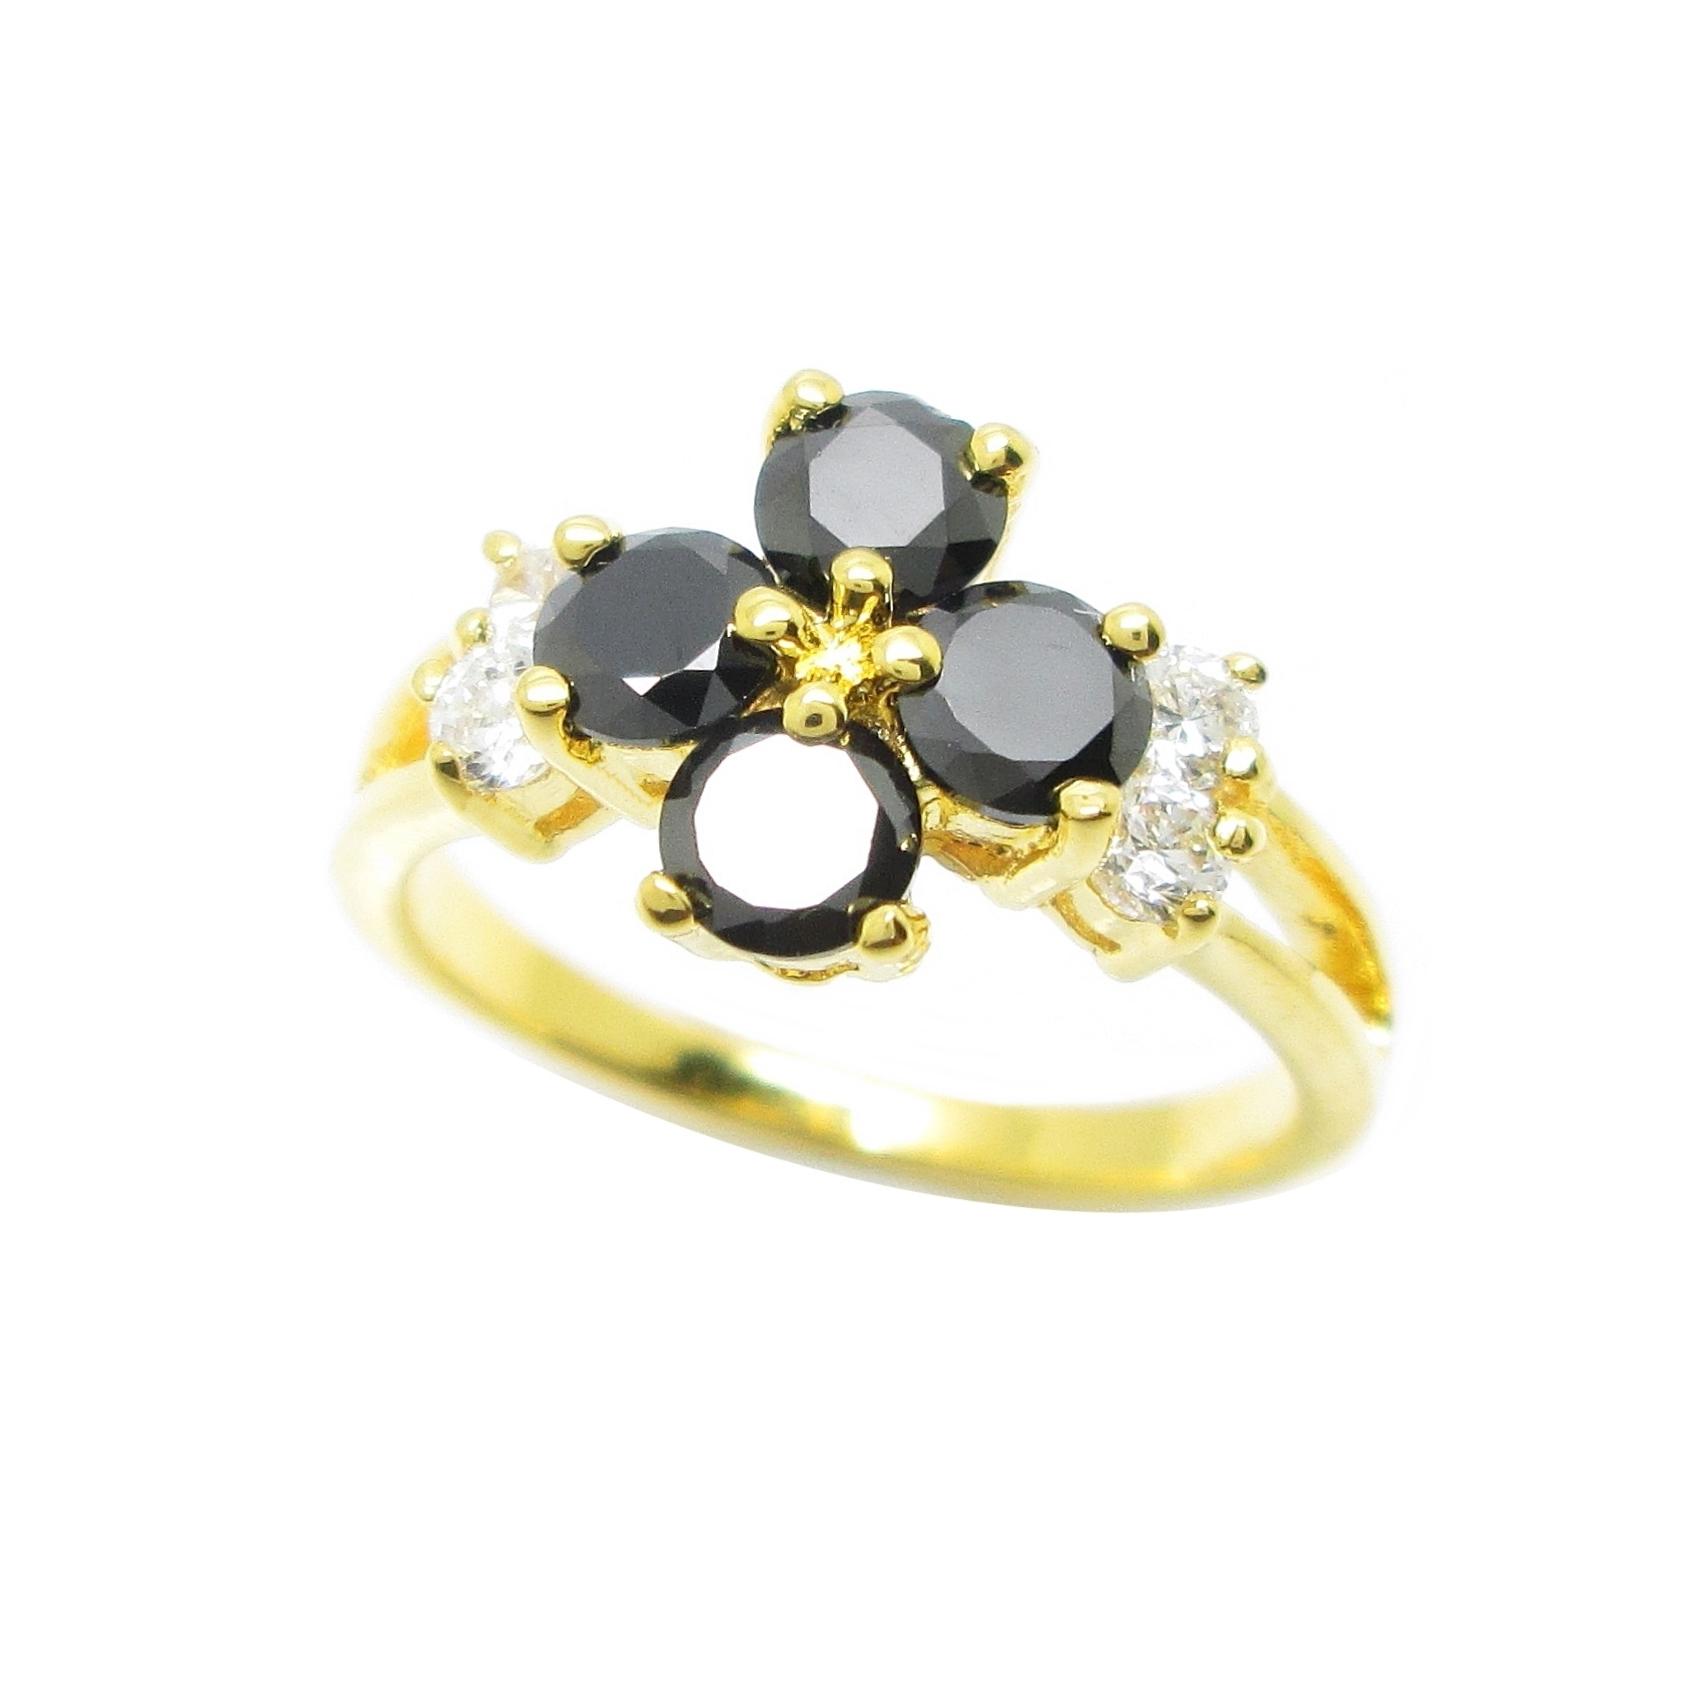 แหวนดอกไม้พลอยสีนิลประดับเพชรข้างชุบทอง